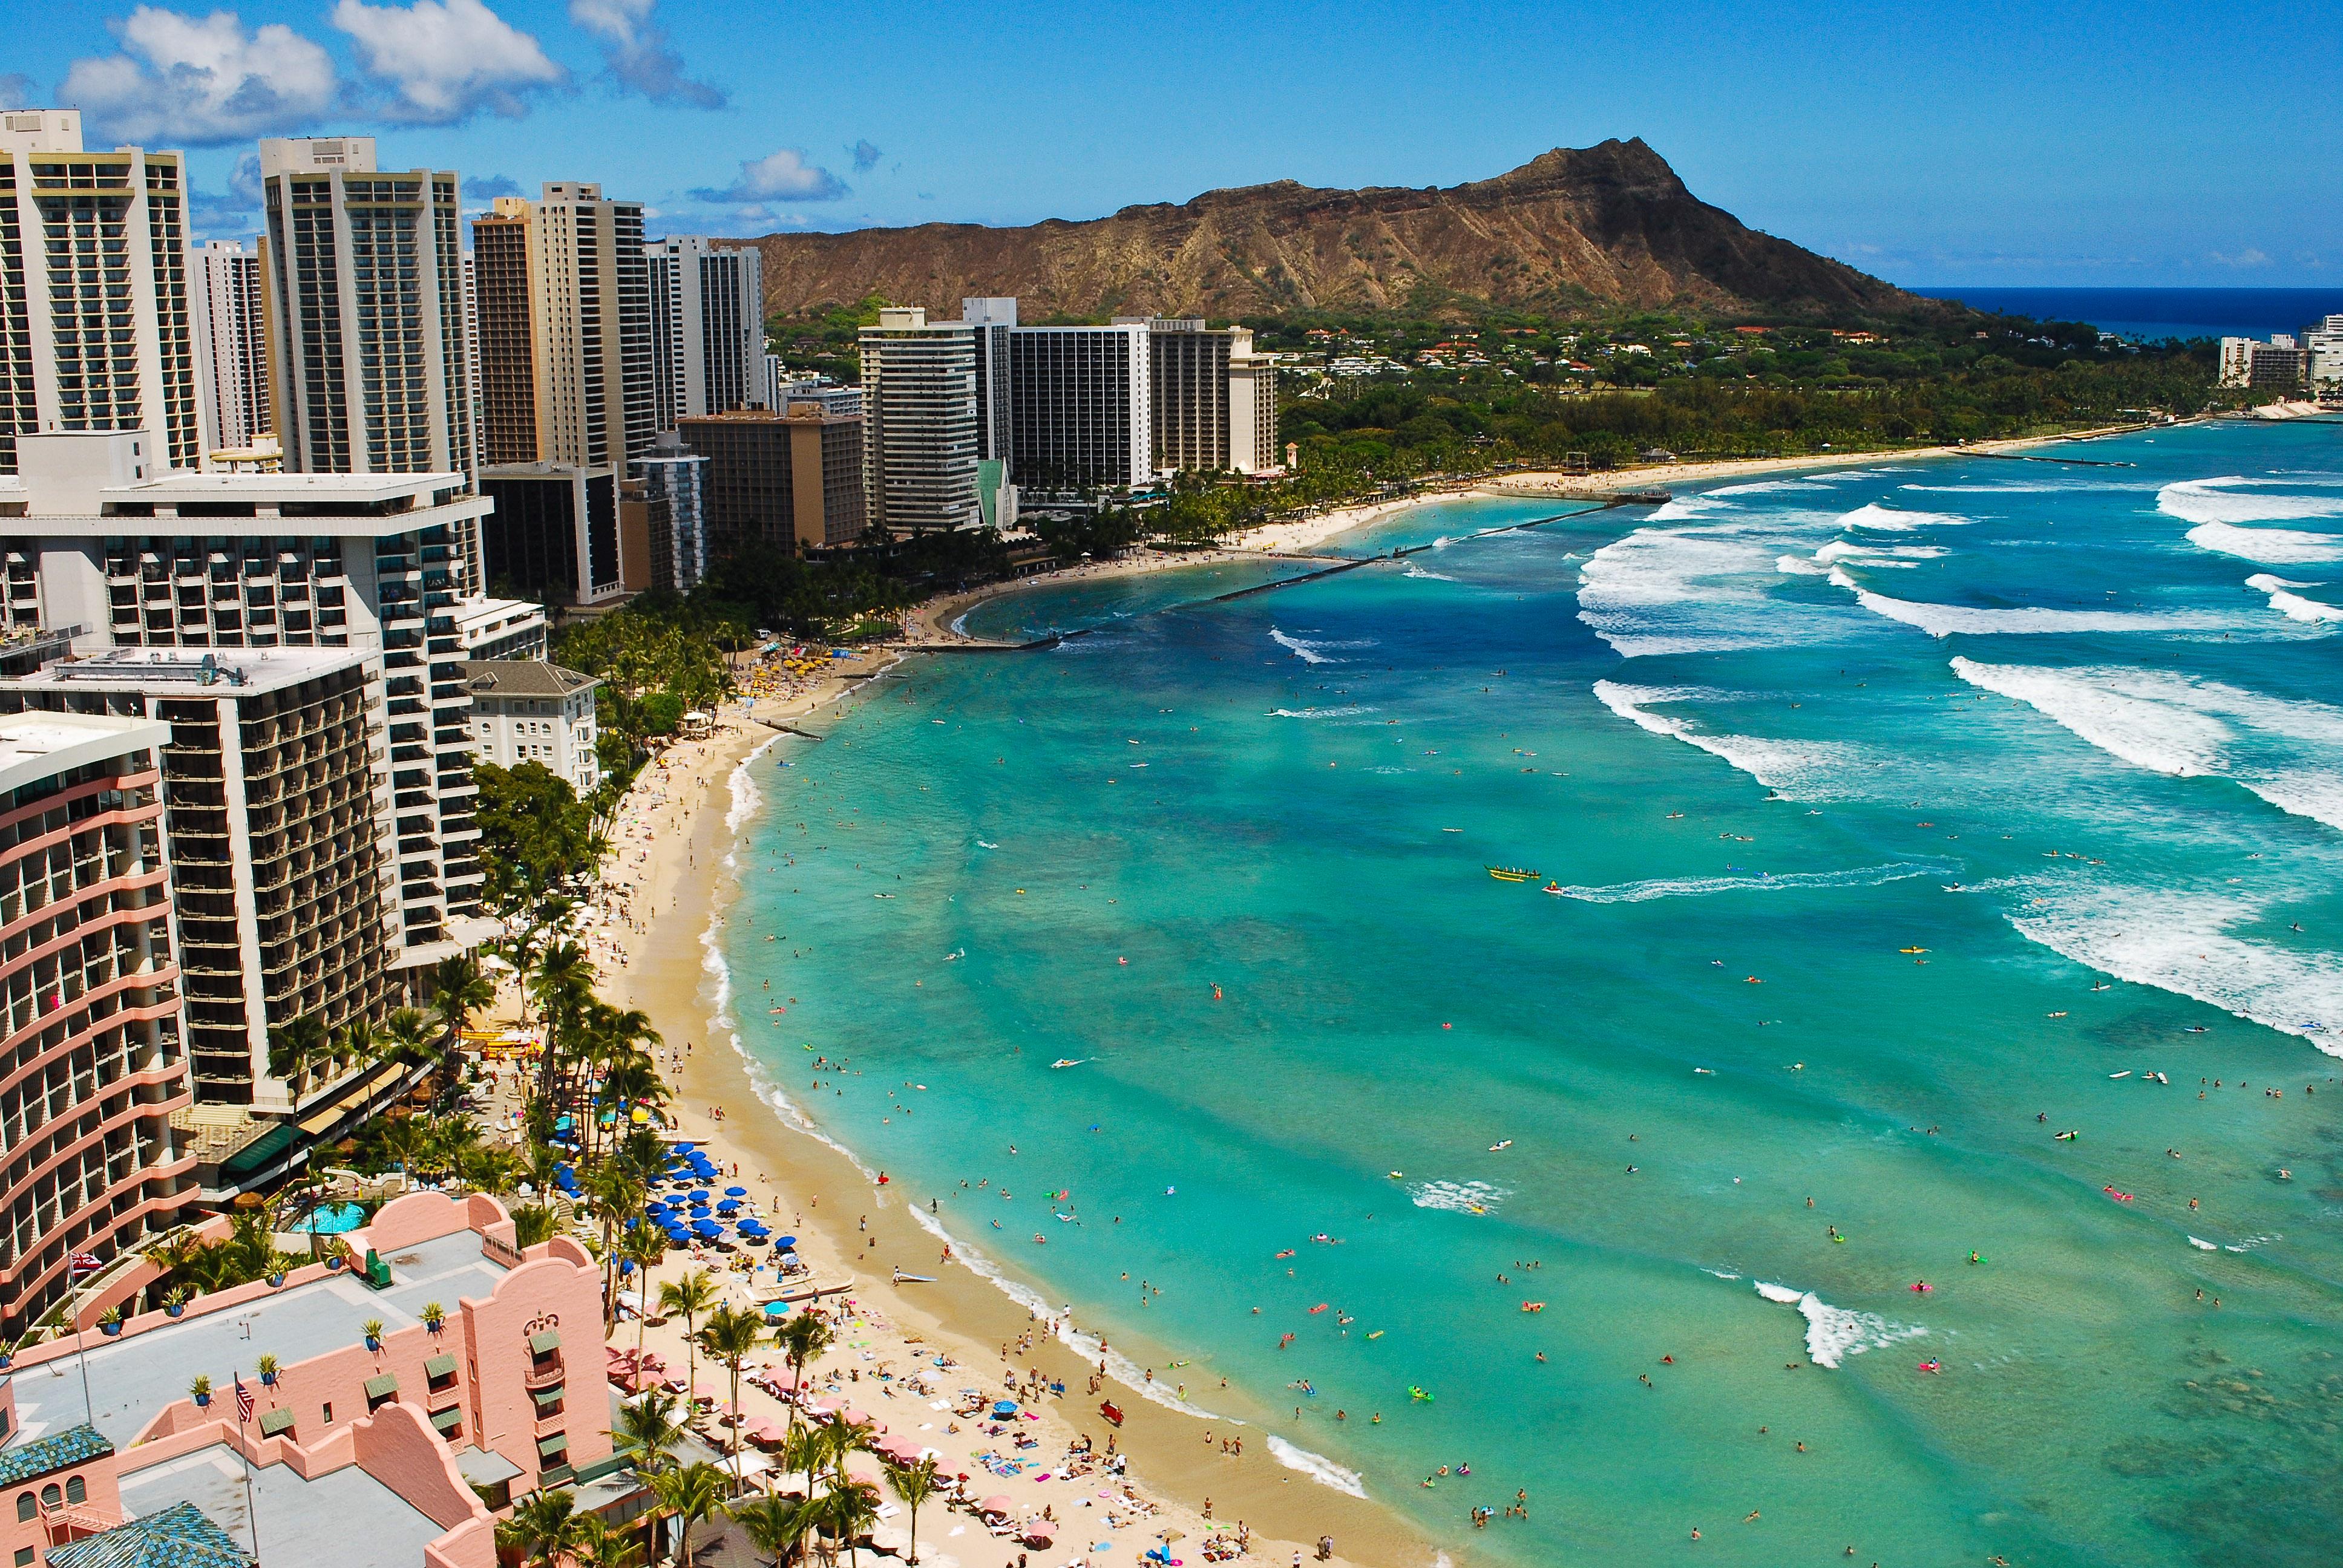 Đảo thiên đường Hawaii trước sức ép đô thị hóa | VTV.VN